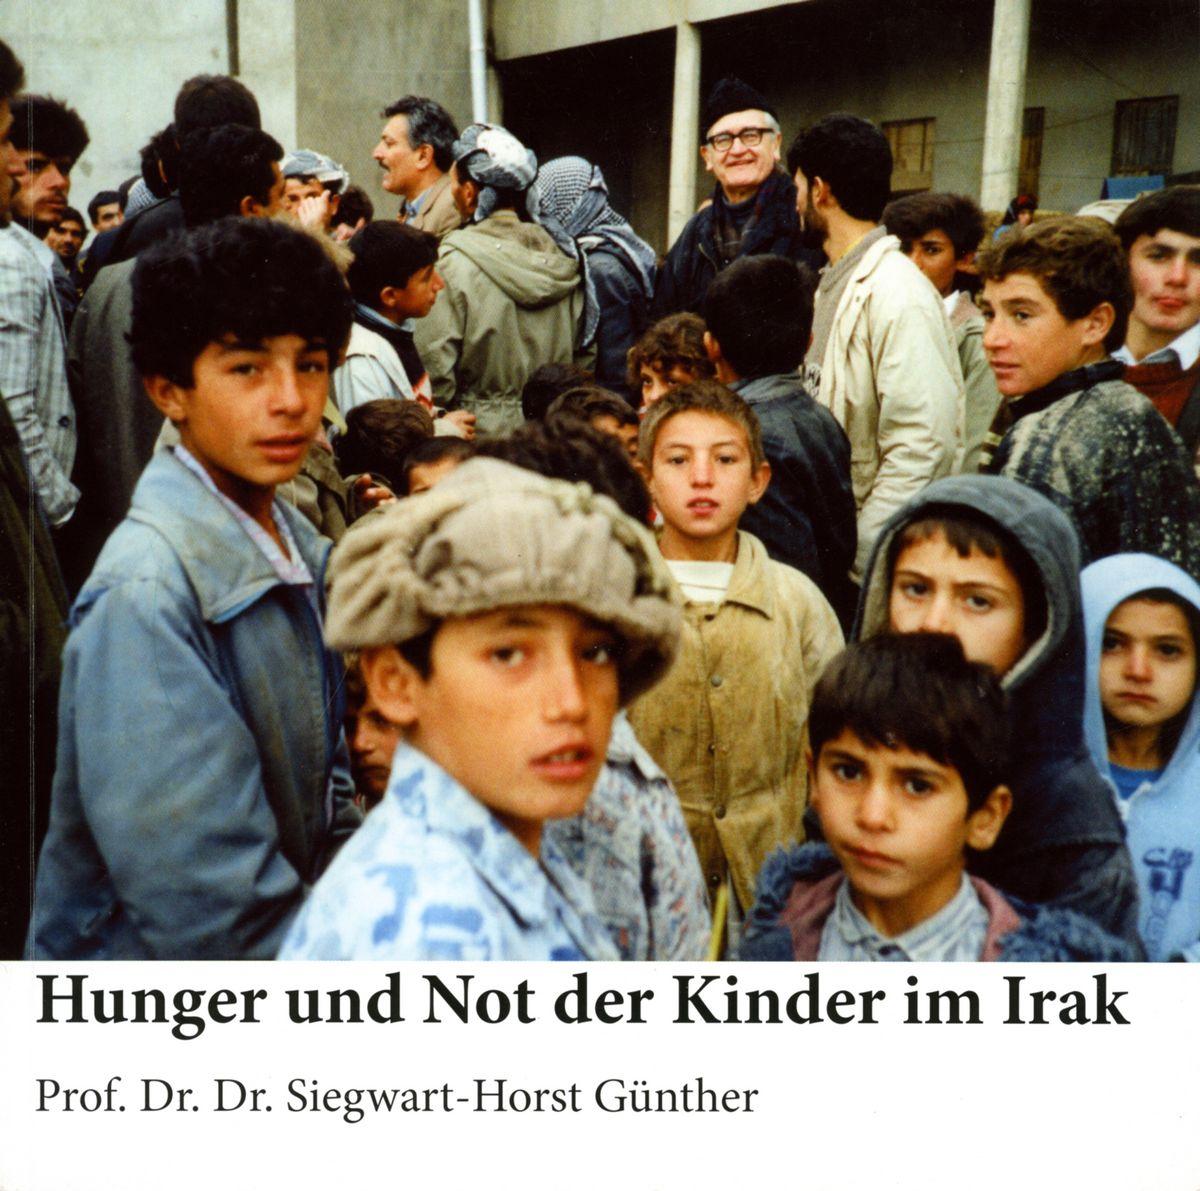 csm_BT-Horst_Guenther_und_Prof_Siegwart-Hunger_und_Not_der_Kinder_im_Irak_2_867cf4b615 PH 6